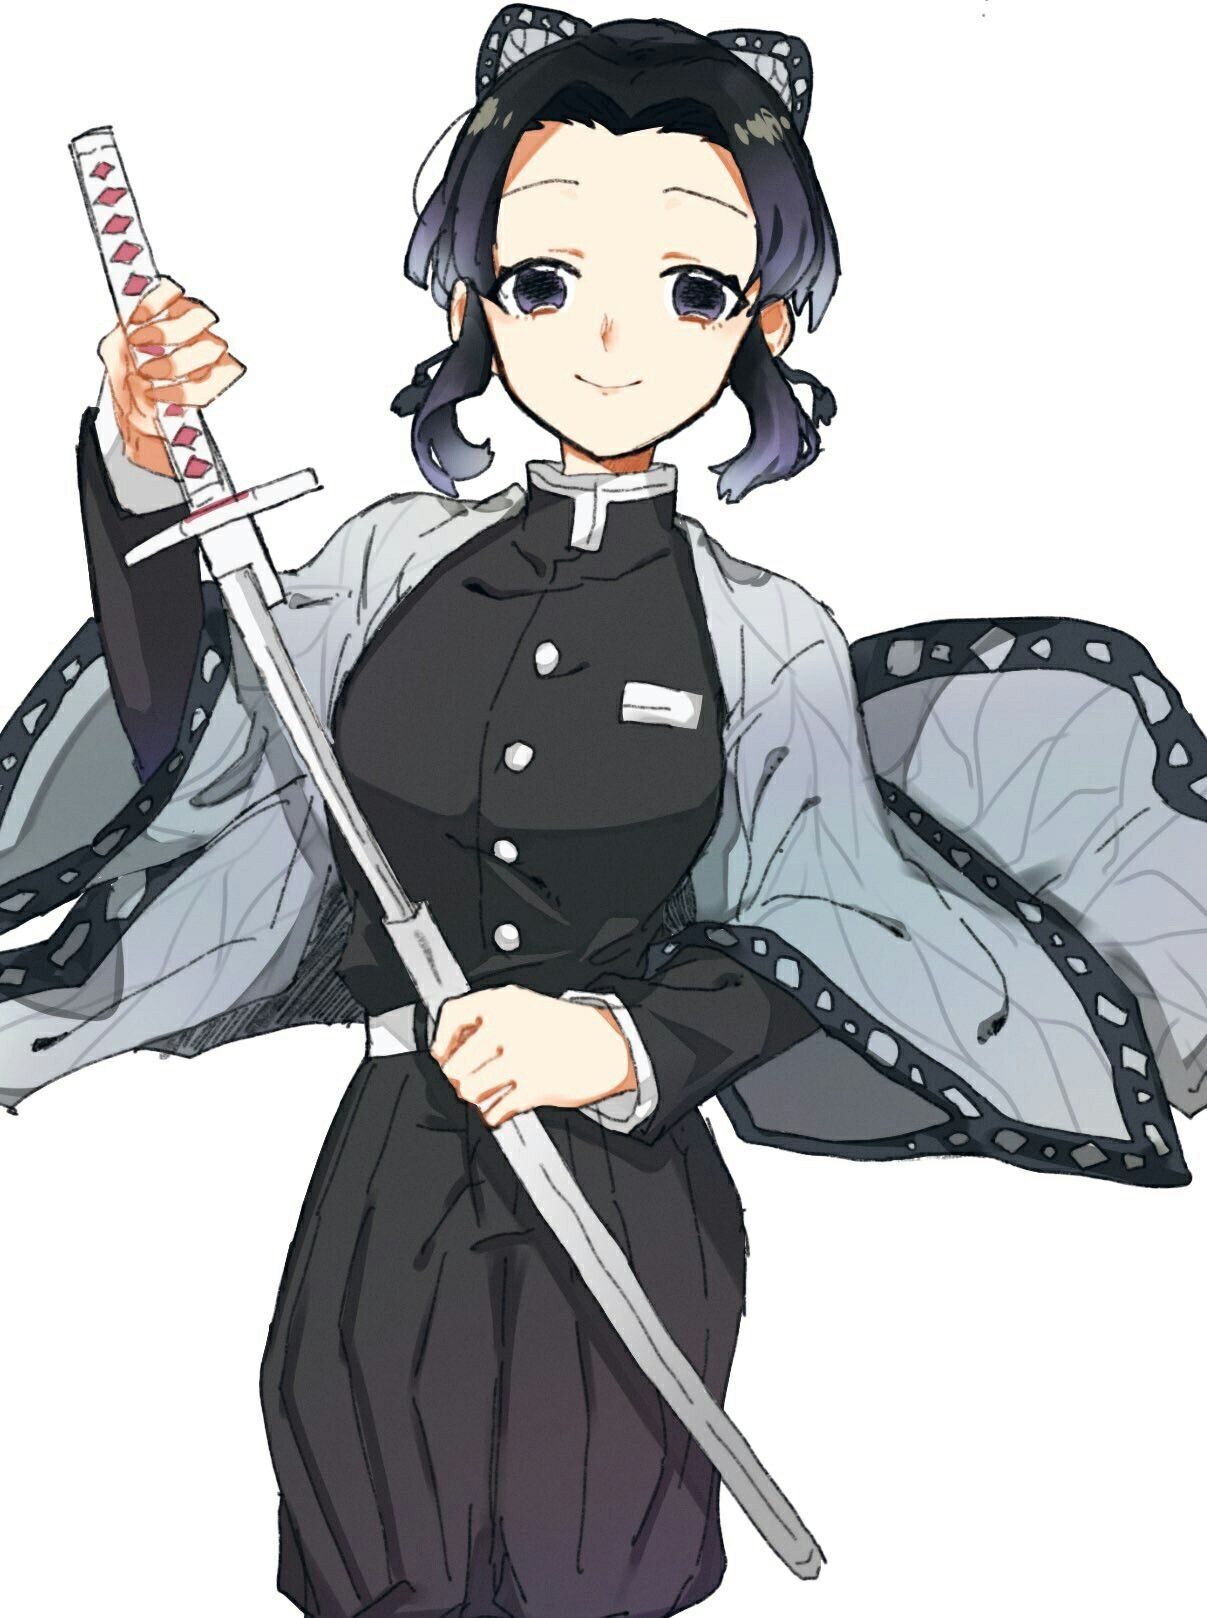 kochou shinobu Anime, Quỷ, Manga